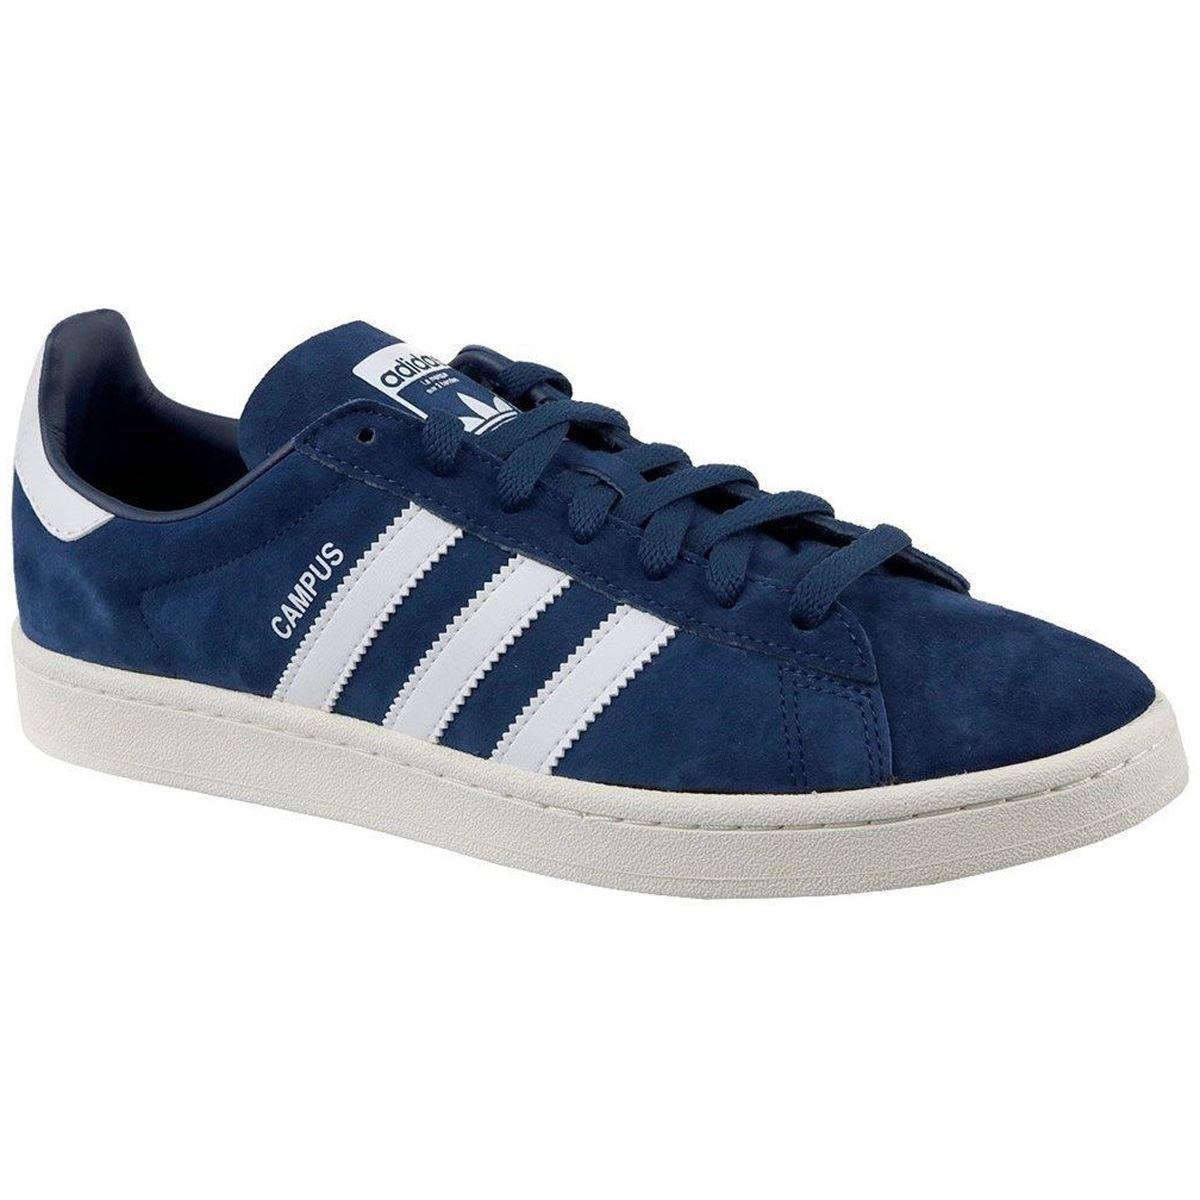 Adidas Campus Dark Blue Footwear White Mens Nubuck Low-top Sneakers Trainers